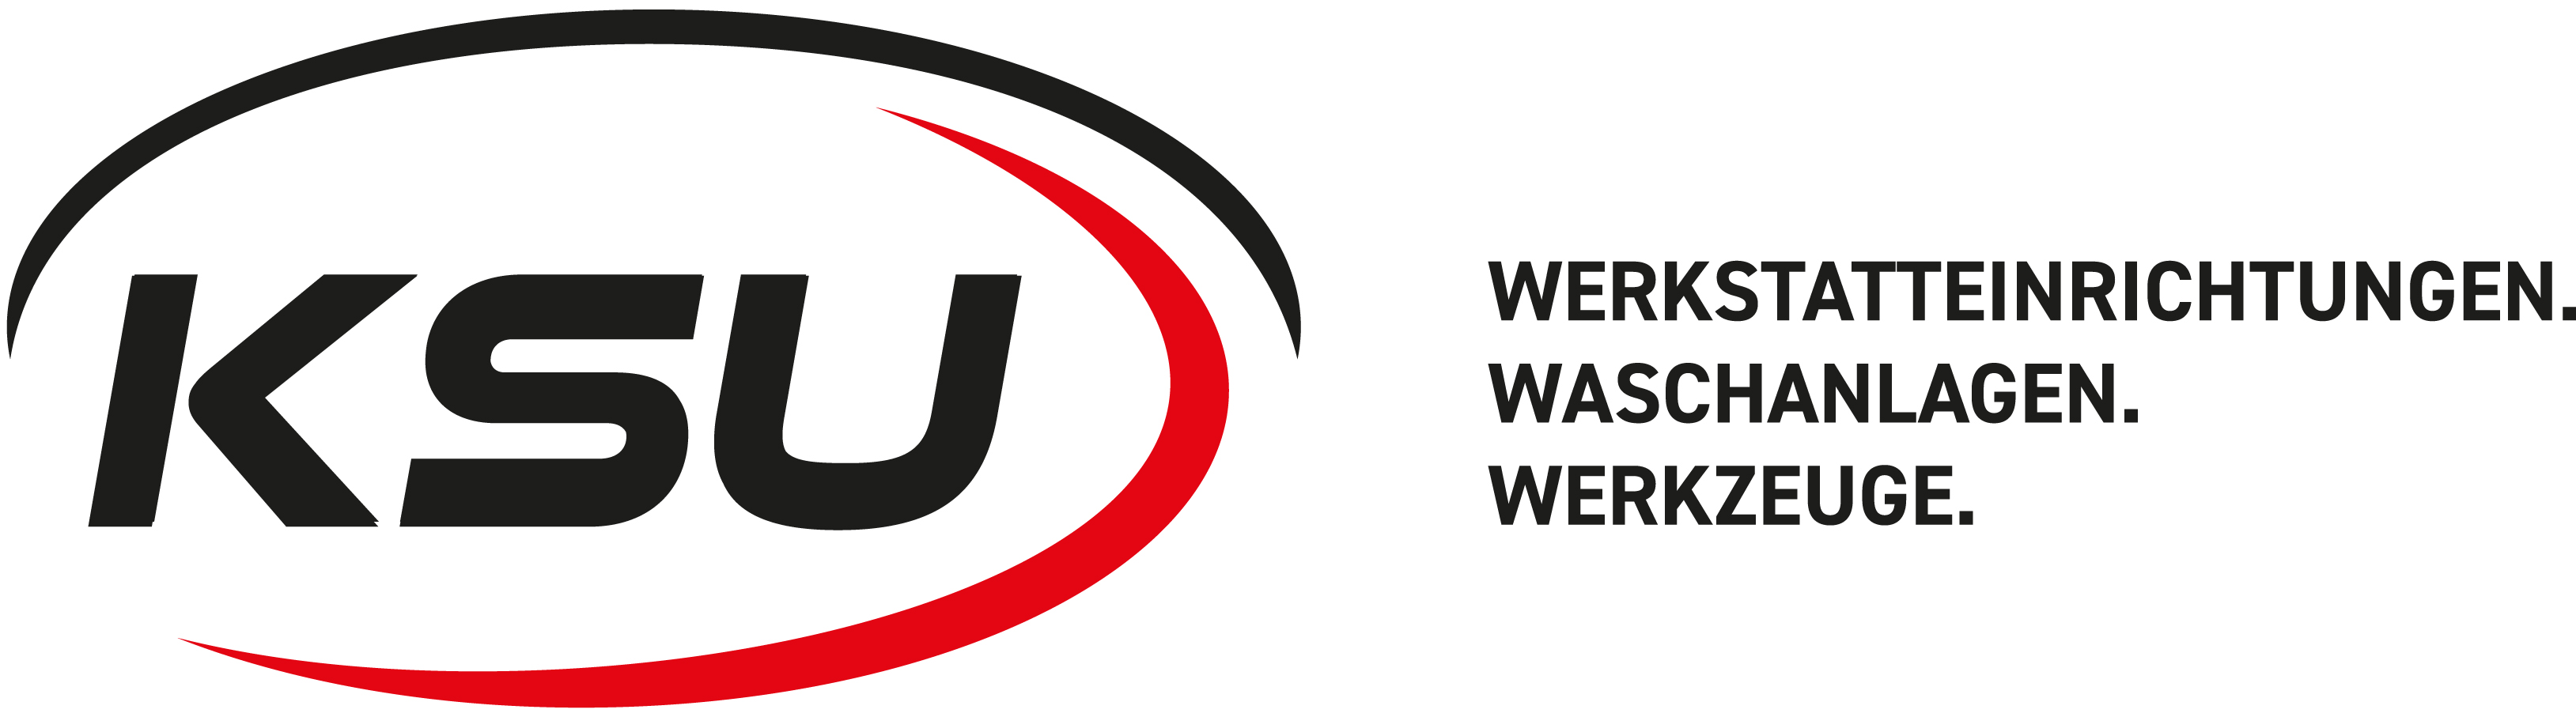 logo KSU A-TECHNIK